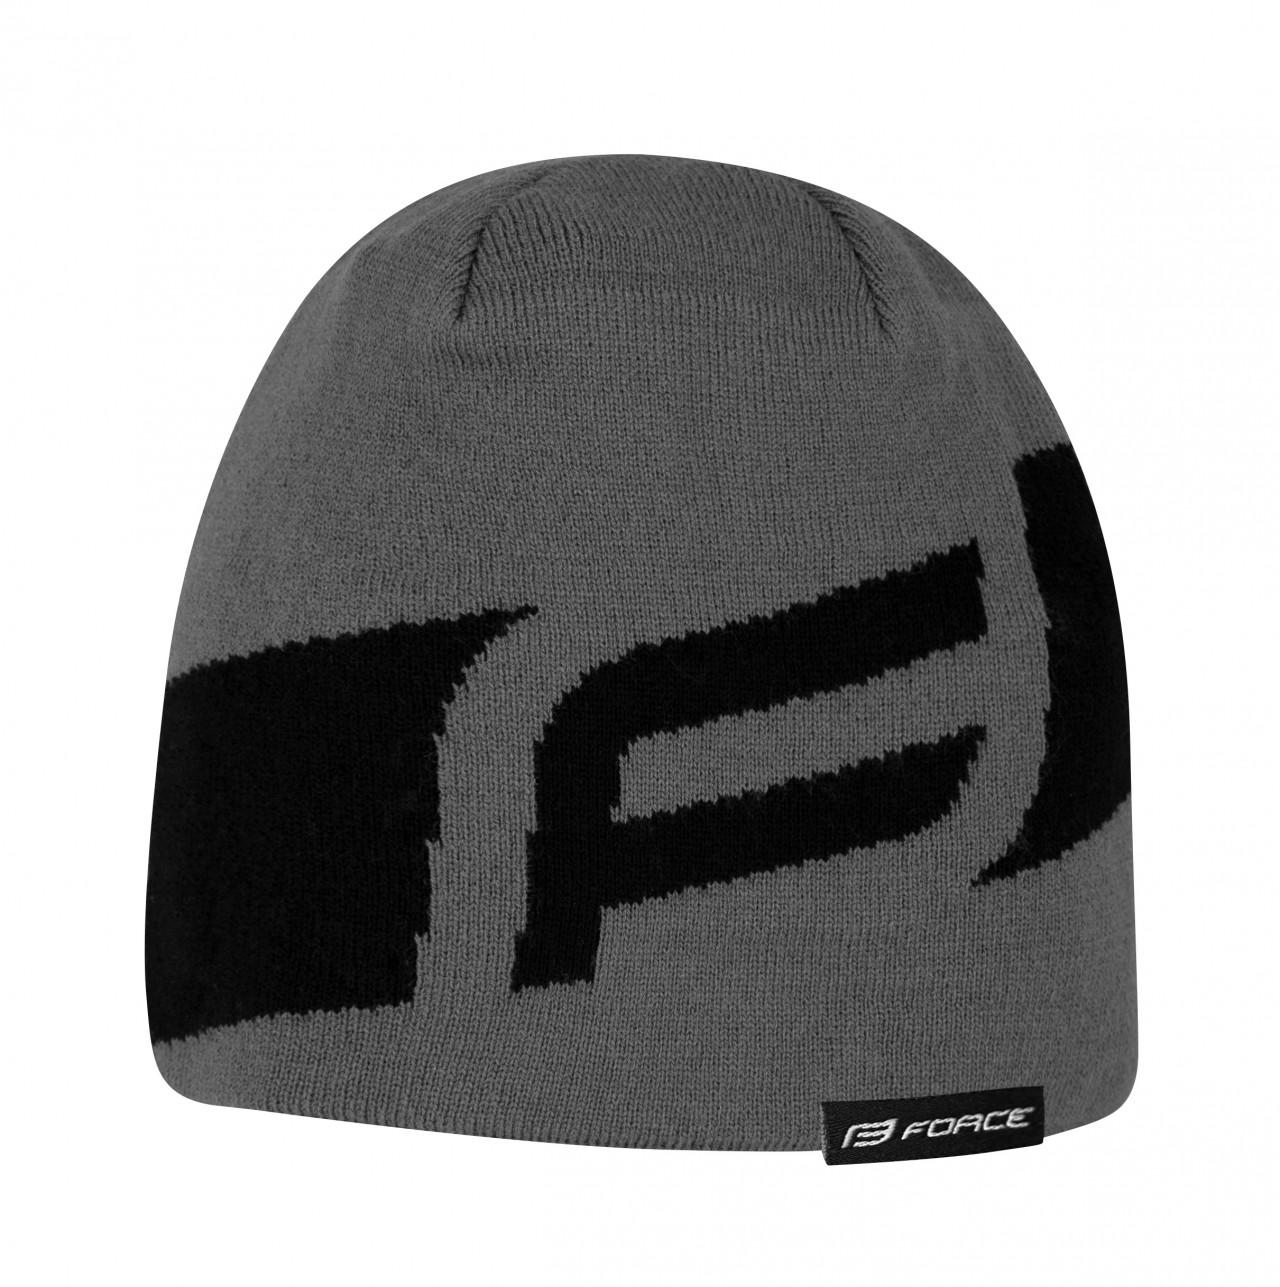 FORCE čiapka zimná DWARF pletená, čierno-šedá